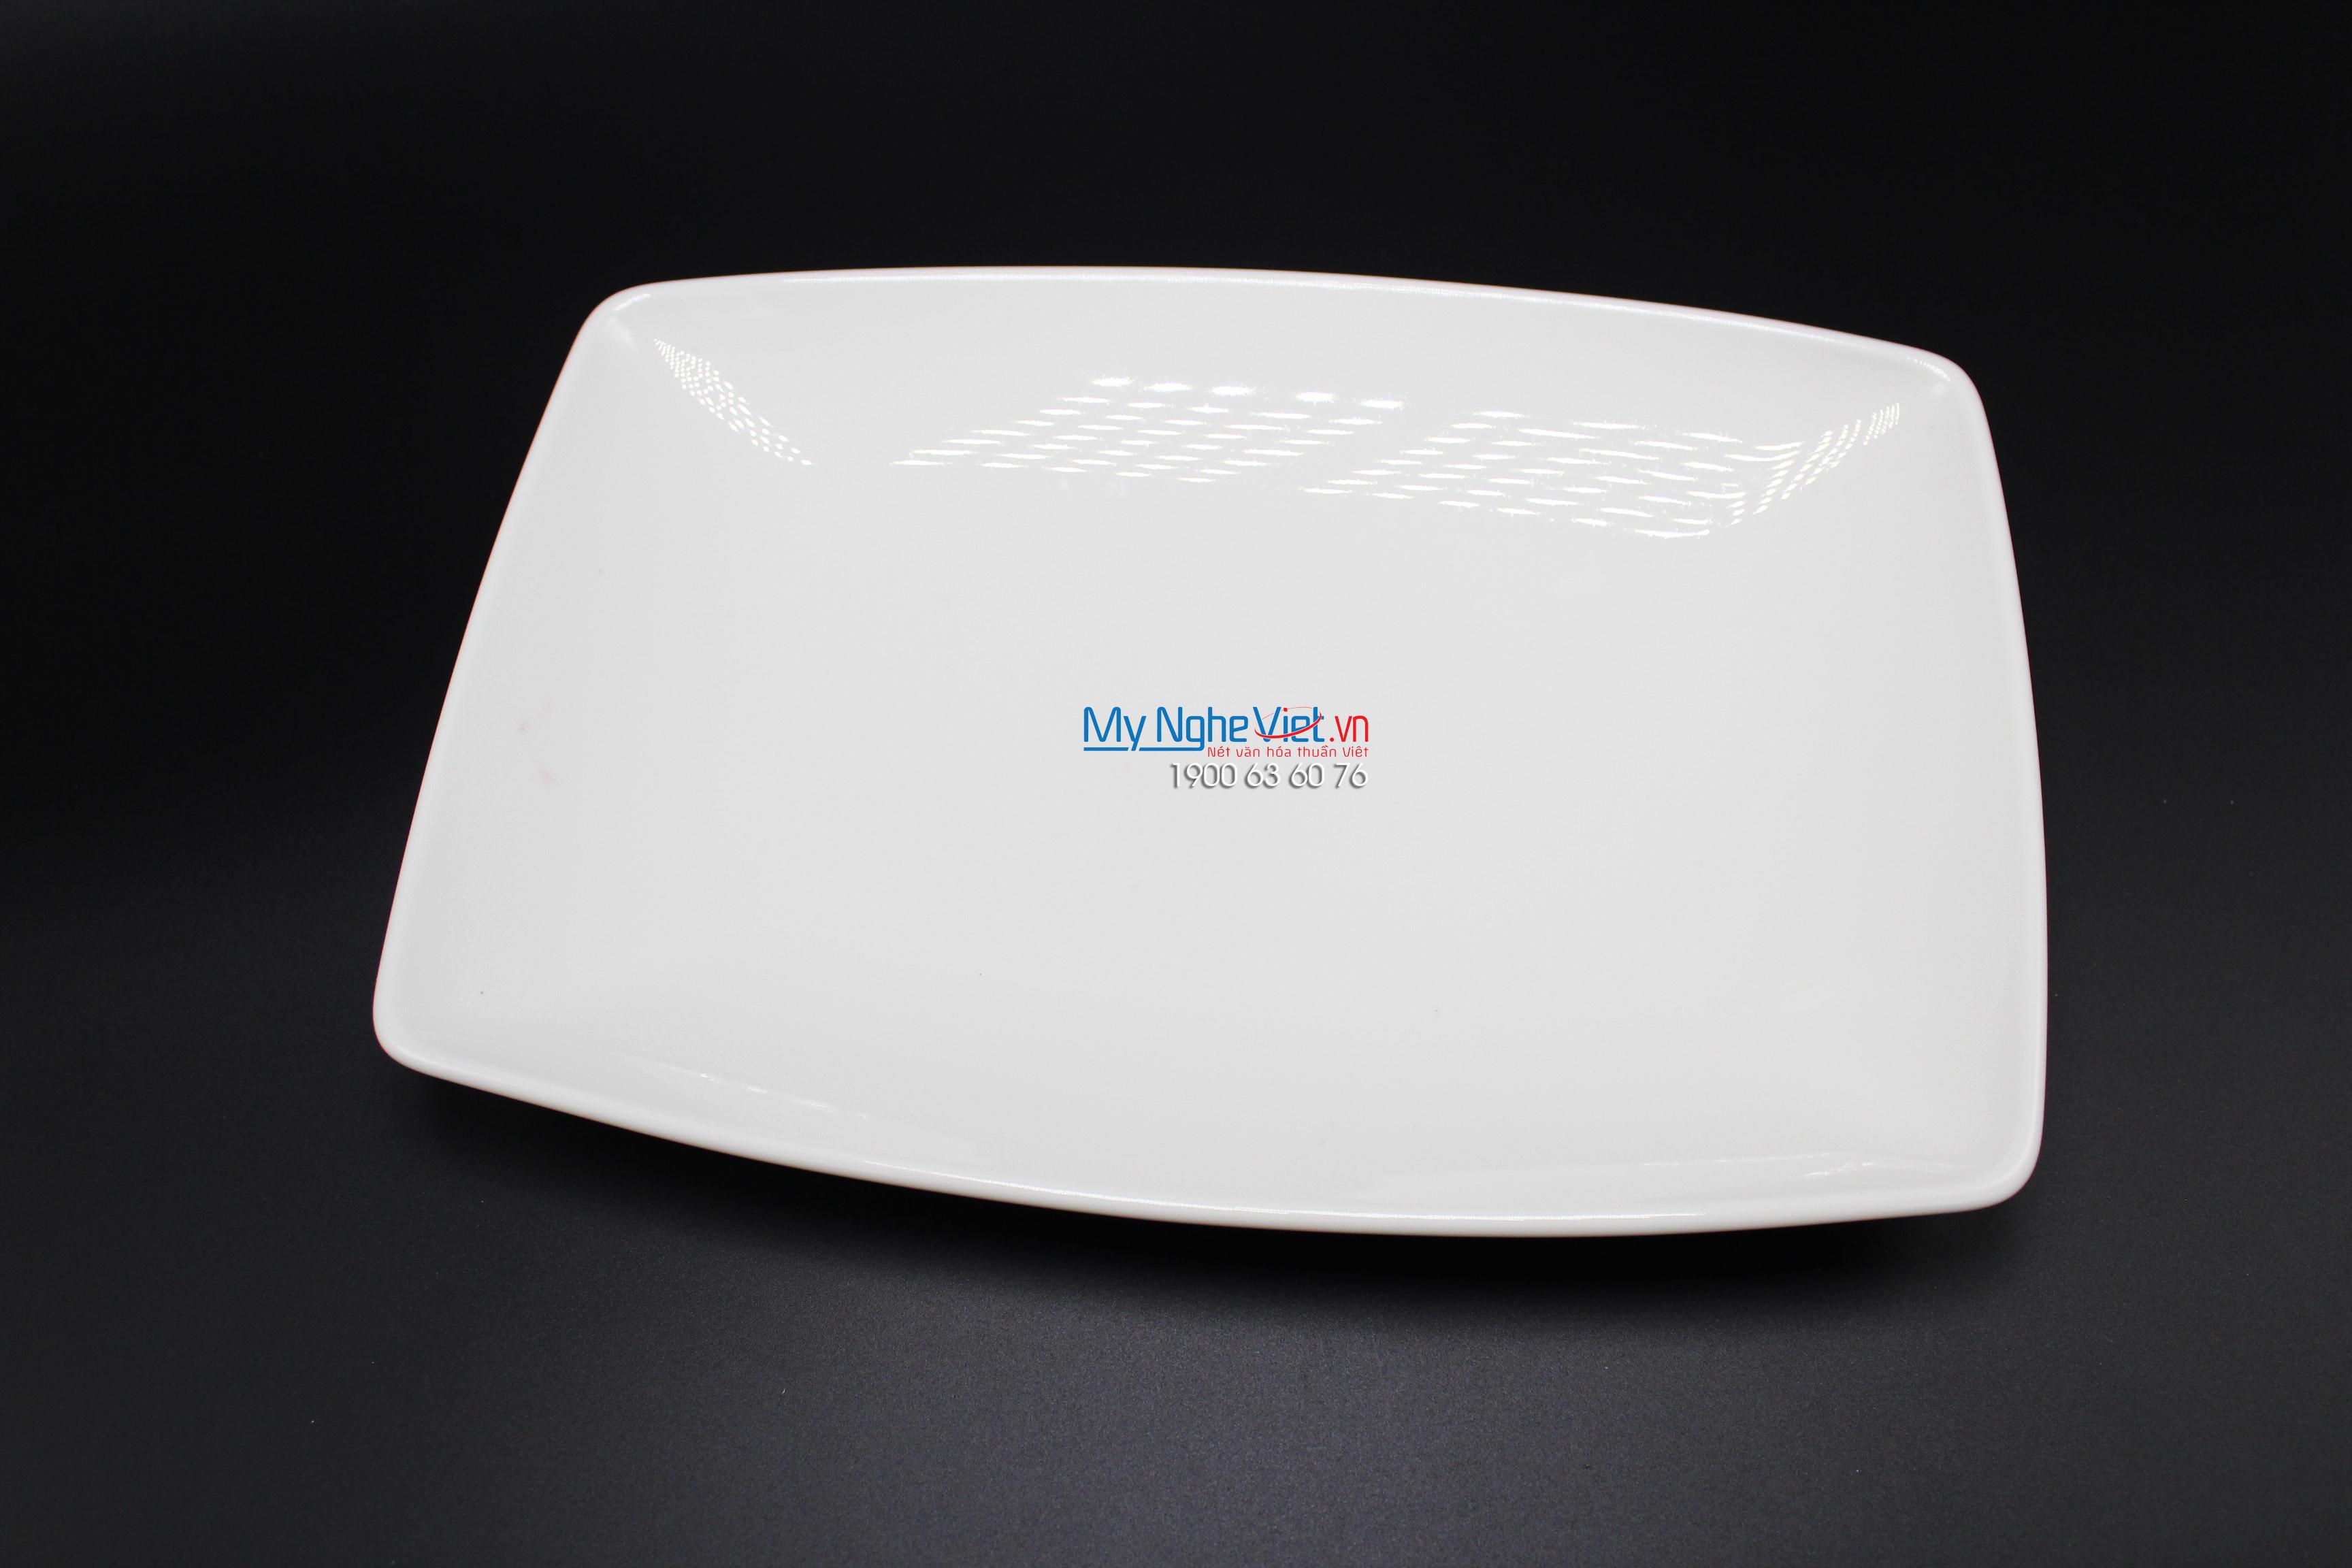 Dĩa chữ nhật phẳng 27x18 cm trắng ngà - MNV - 432720000